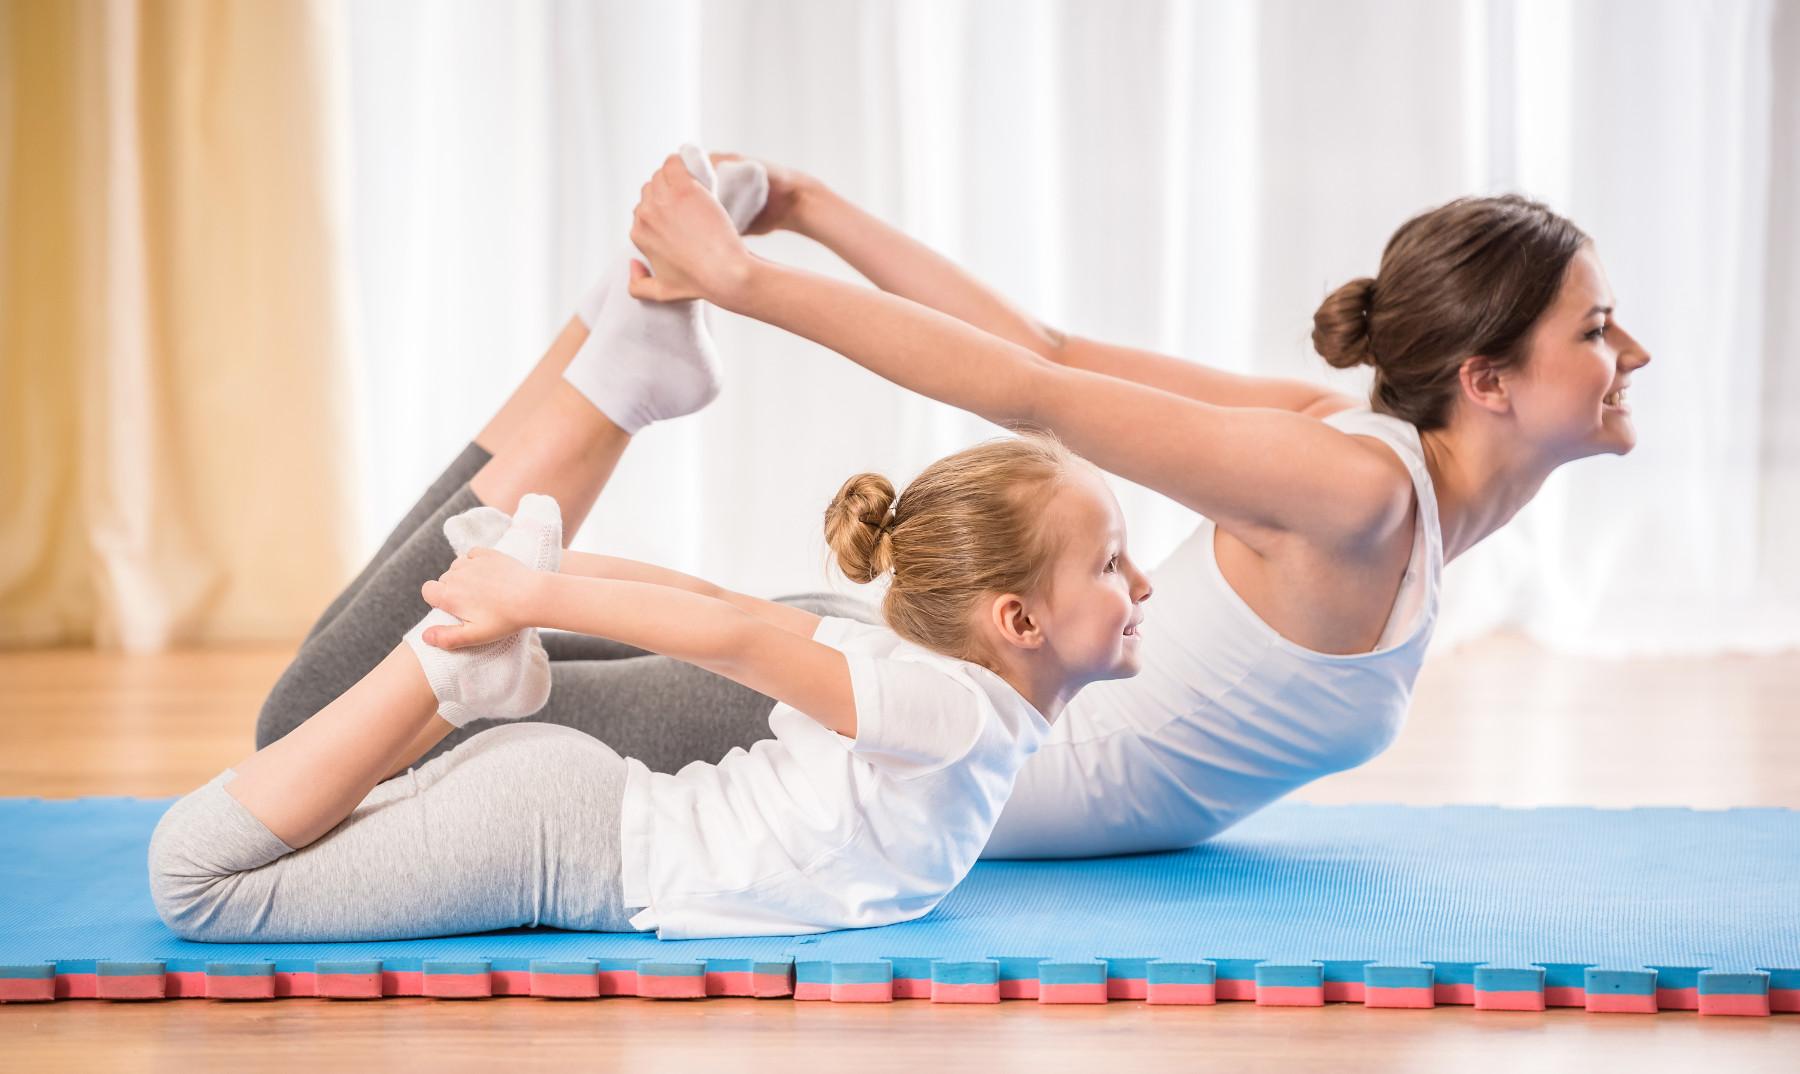 יוגה בימי וירוס הקורונה - 5 תרגילים לילדים ולהורים שאפשר לעשות בבית